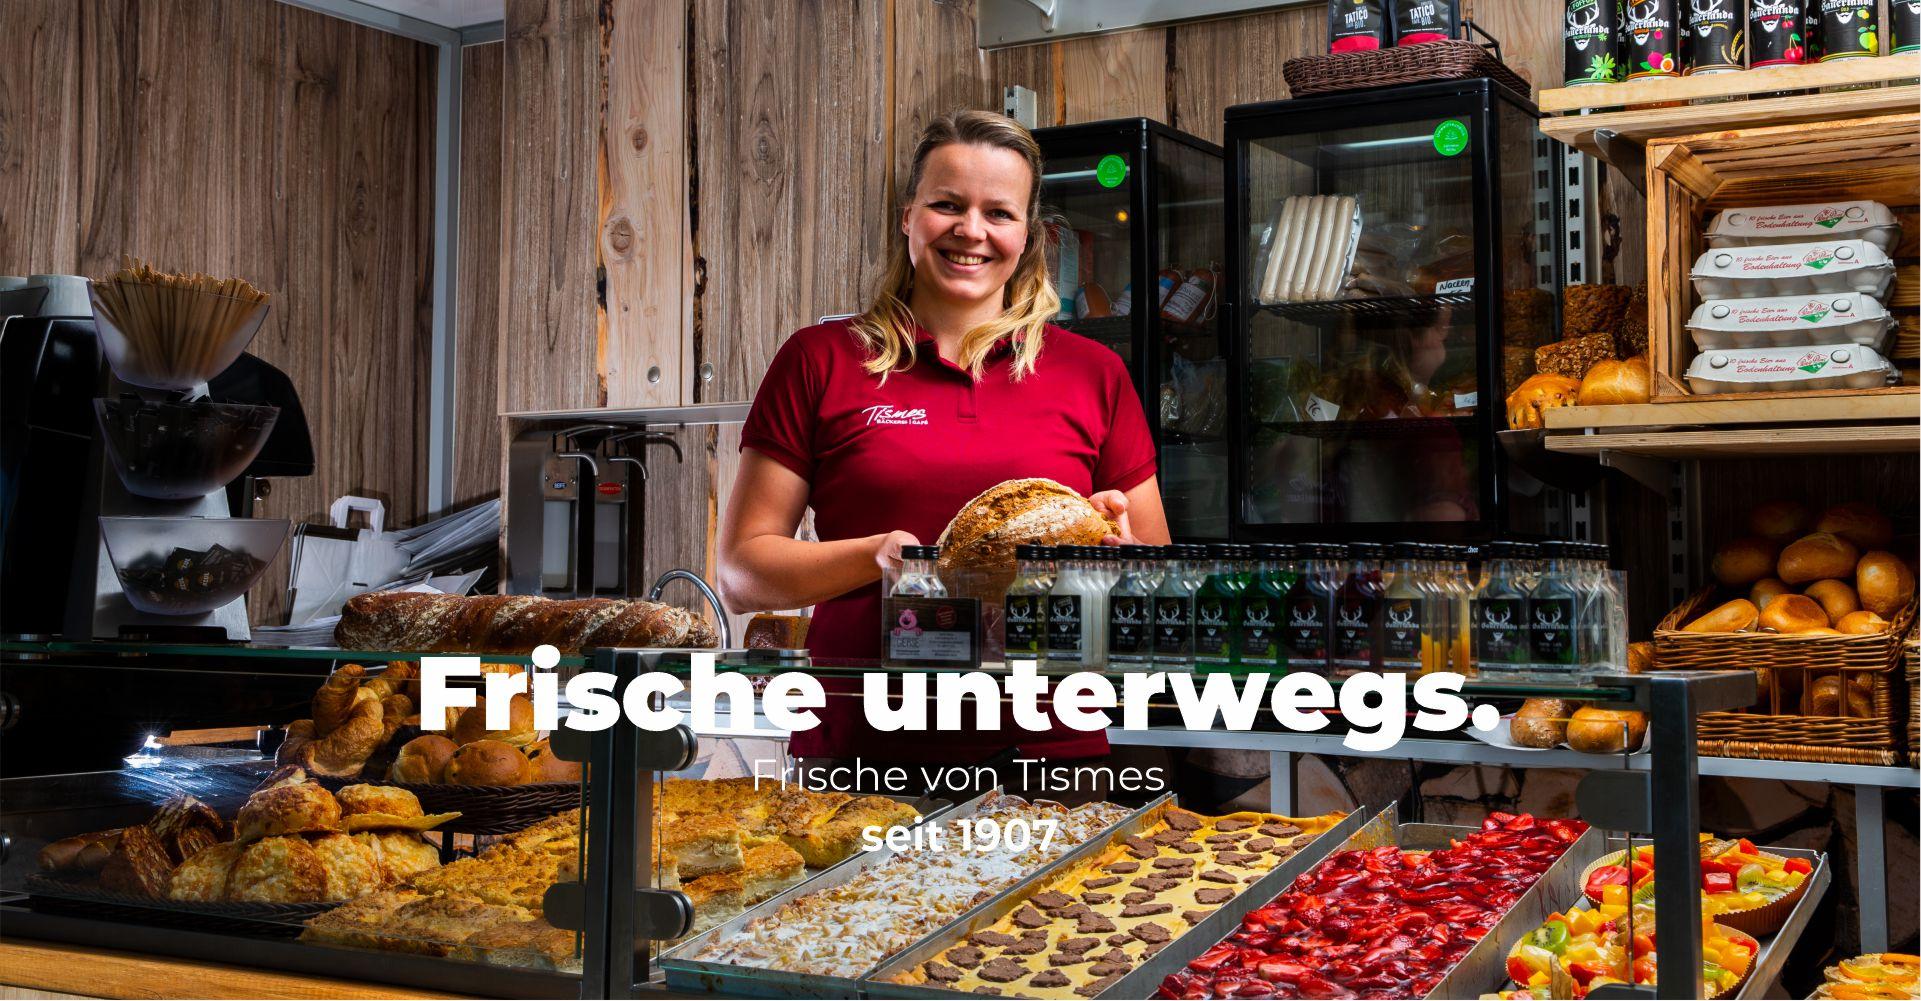 tismes_verkaufswagen_002